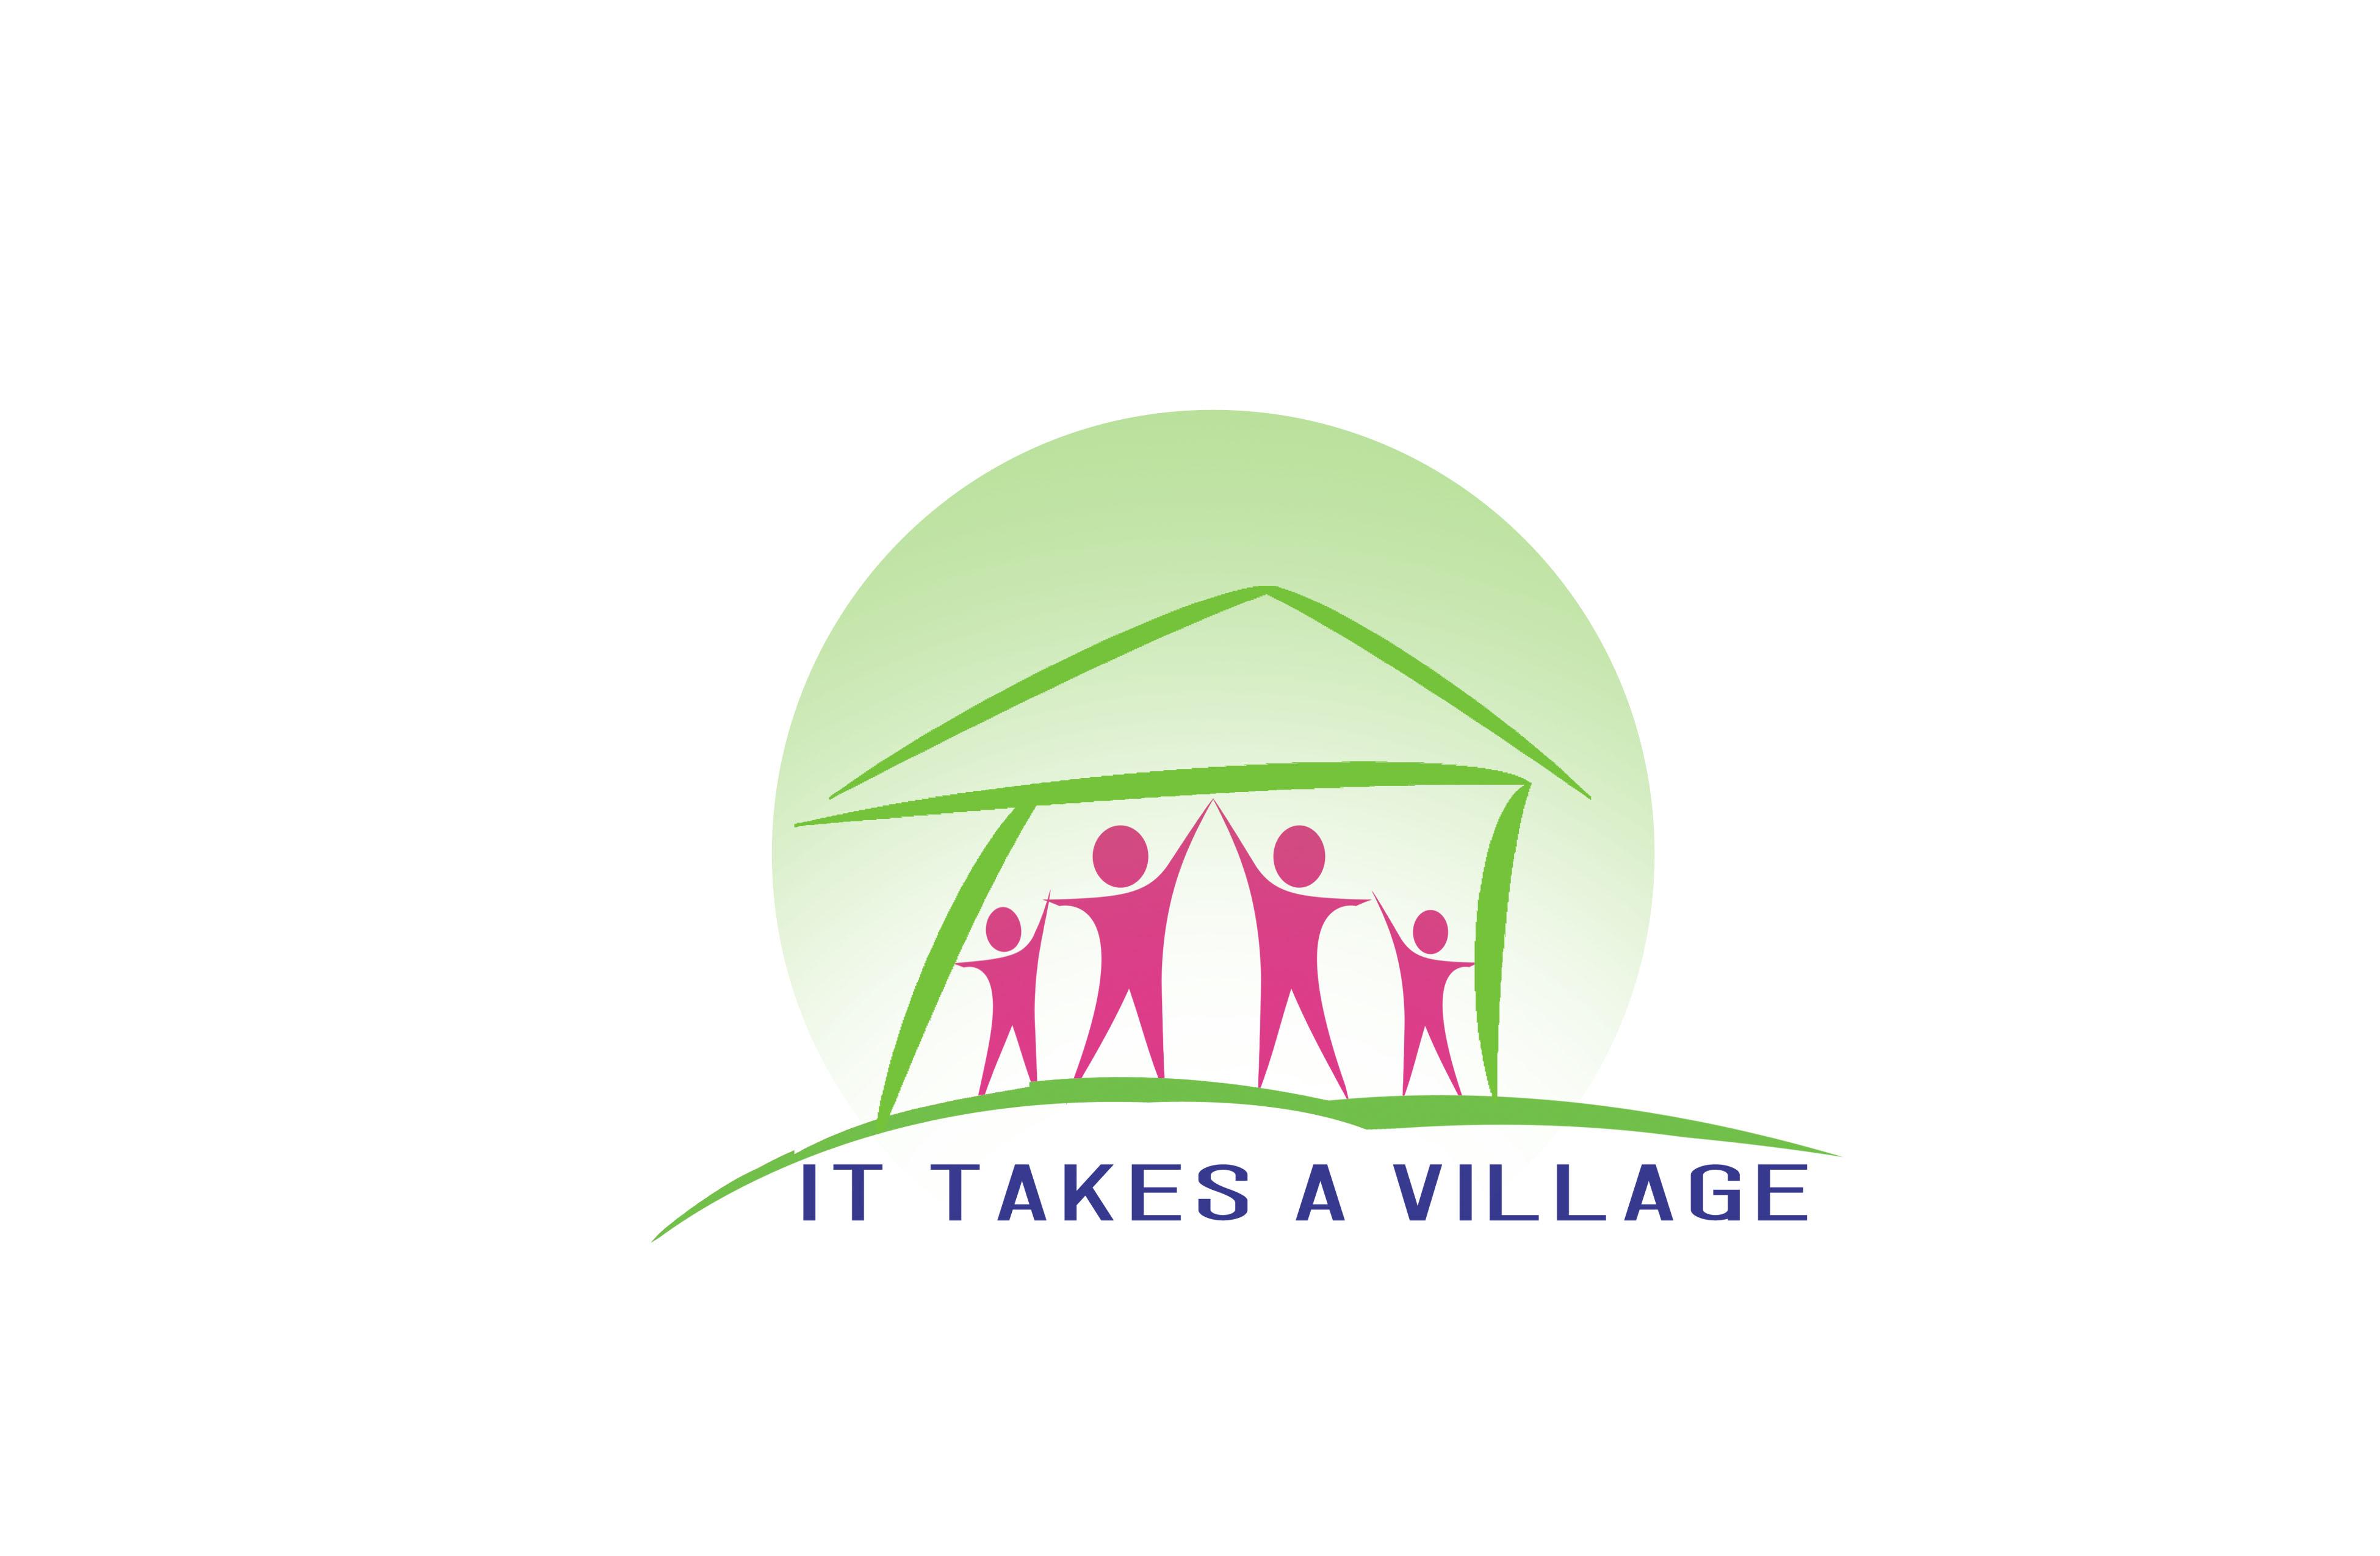 Logo Design by Alan Esclamado - Entry No. 62 in the Logo Design Contest Captivating Logo Design for It Takes A Village.